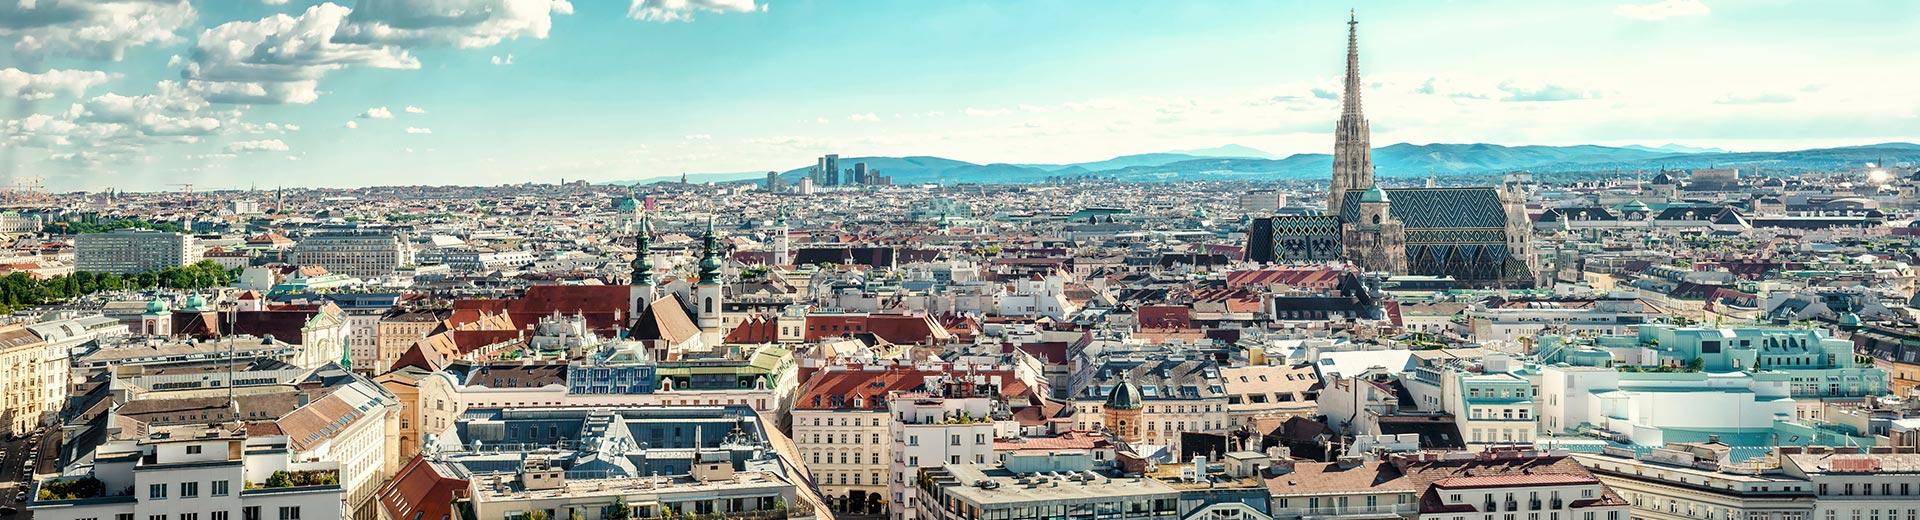 Voyage en groupe Vienne- offre confort train